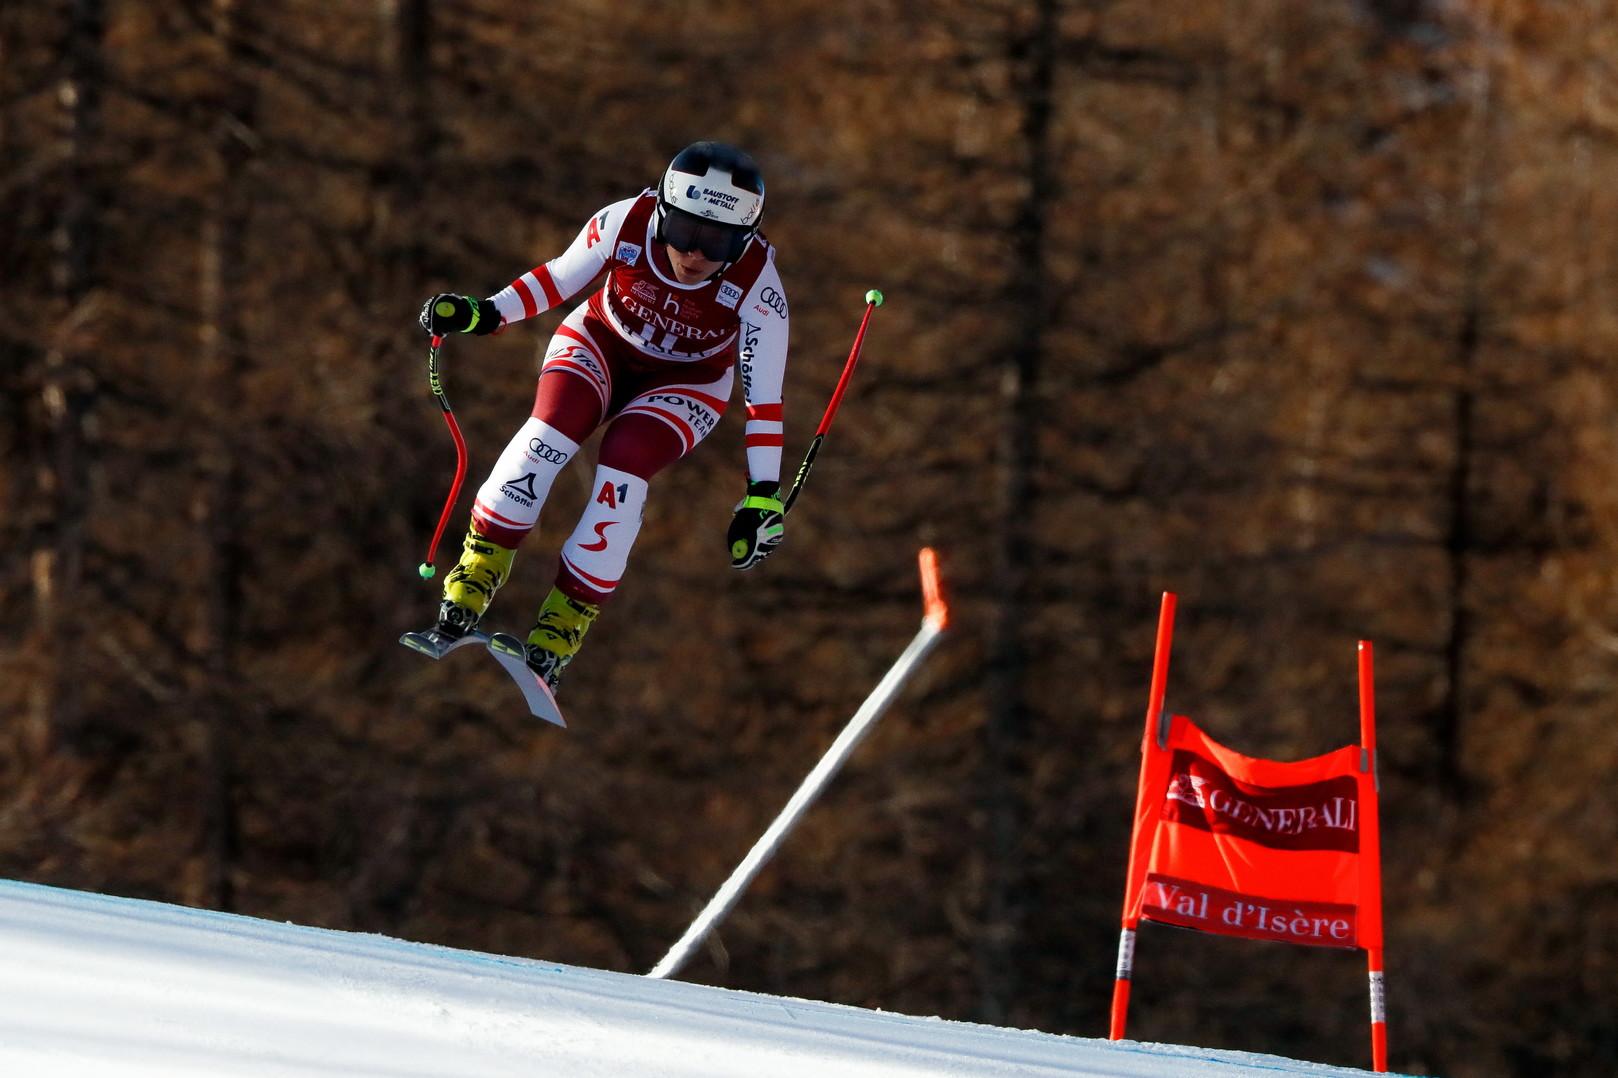 Momenti di paura durante la discesa libera in Val d&#39;Isere valida per la Coppa del Mondo di sci alpino: Nicole Schmidhofer &egrave; uscita dalla pista ad una velocit&agrave; stimata tra i 100 km/h e i 115 km/h sfondando due barriere formate dalle reti di protezioni e finendo nella vicina foresta. Gara subito interrotta per permettere l&#39;arrivo del toboga: la sciatrice austriaca &egrave; stata portata via in barella e in seguito in elicottero.<br /><br />